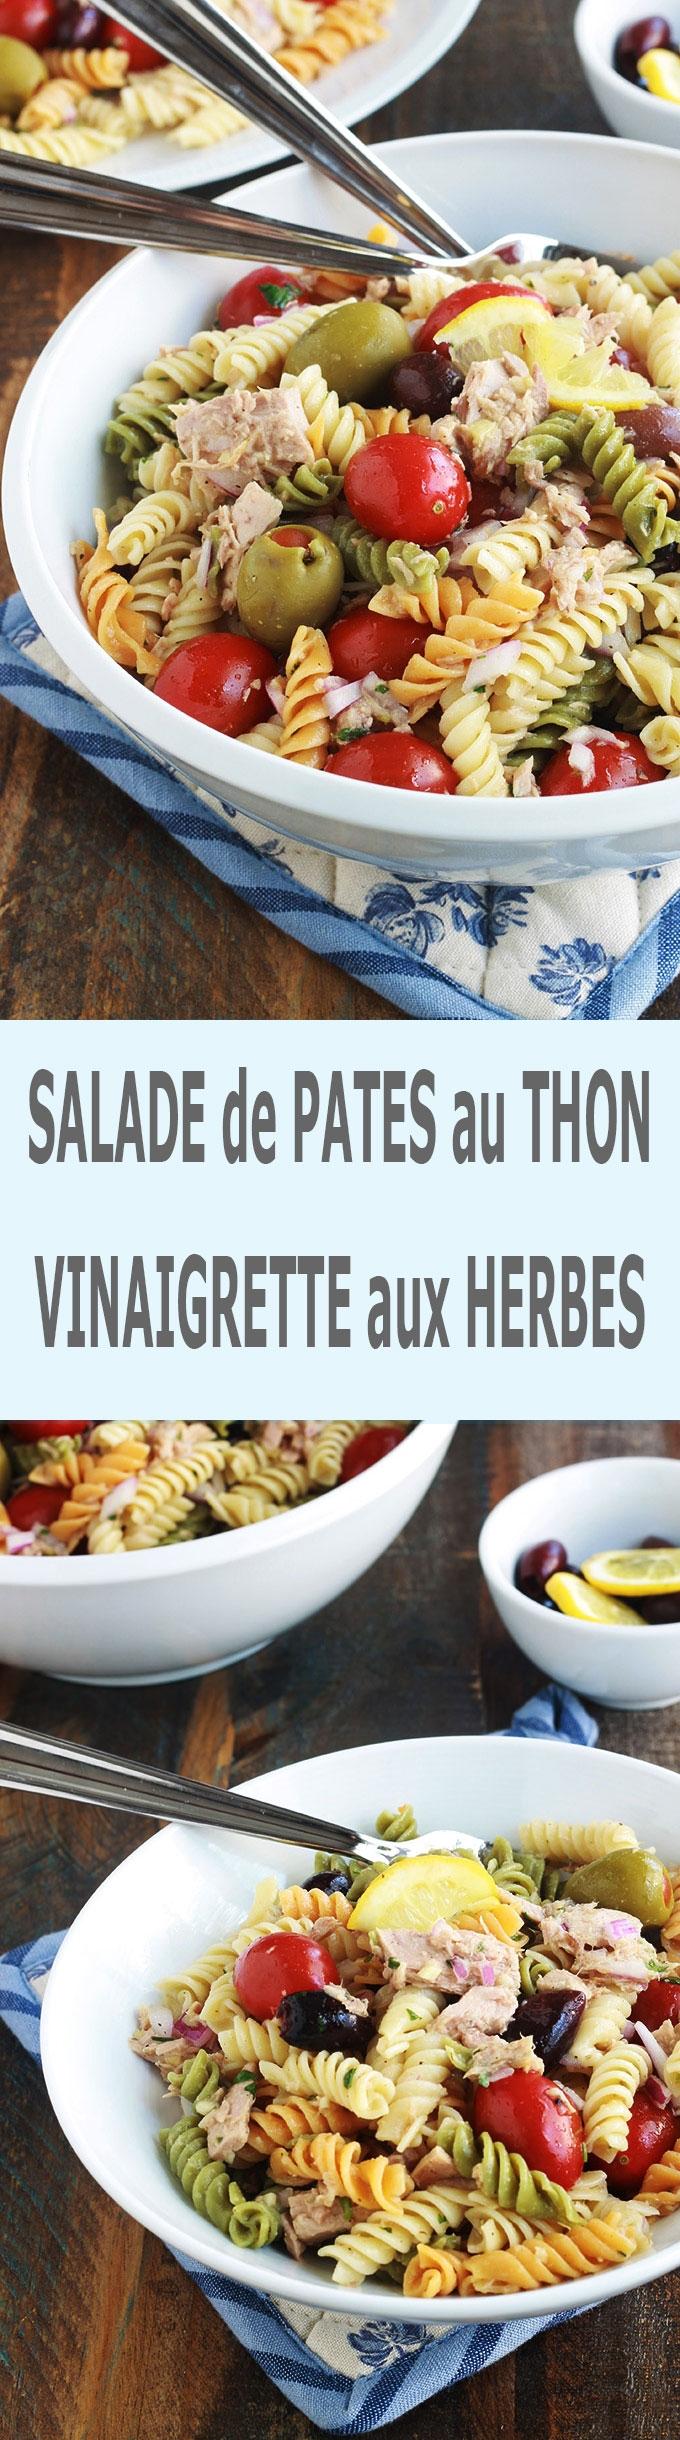 Délicieuse salade de pâtes au thon toute simple, parfumée, avec une vinaigrette aux herbes fines. Une recette facile et rapide à faire. C\'est une salade complète froide, parfaite pour l\'été. Composée de pâtes fusilli 3 couleurs, thon en boîte, tomates, oignon, olives, vinaigrette aux herbes aromatiques.